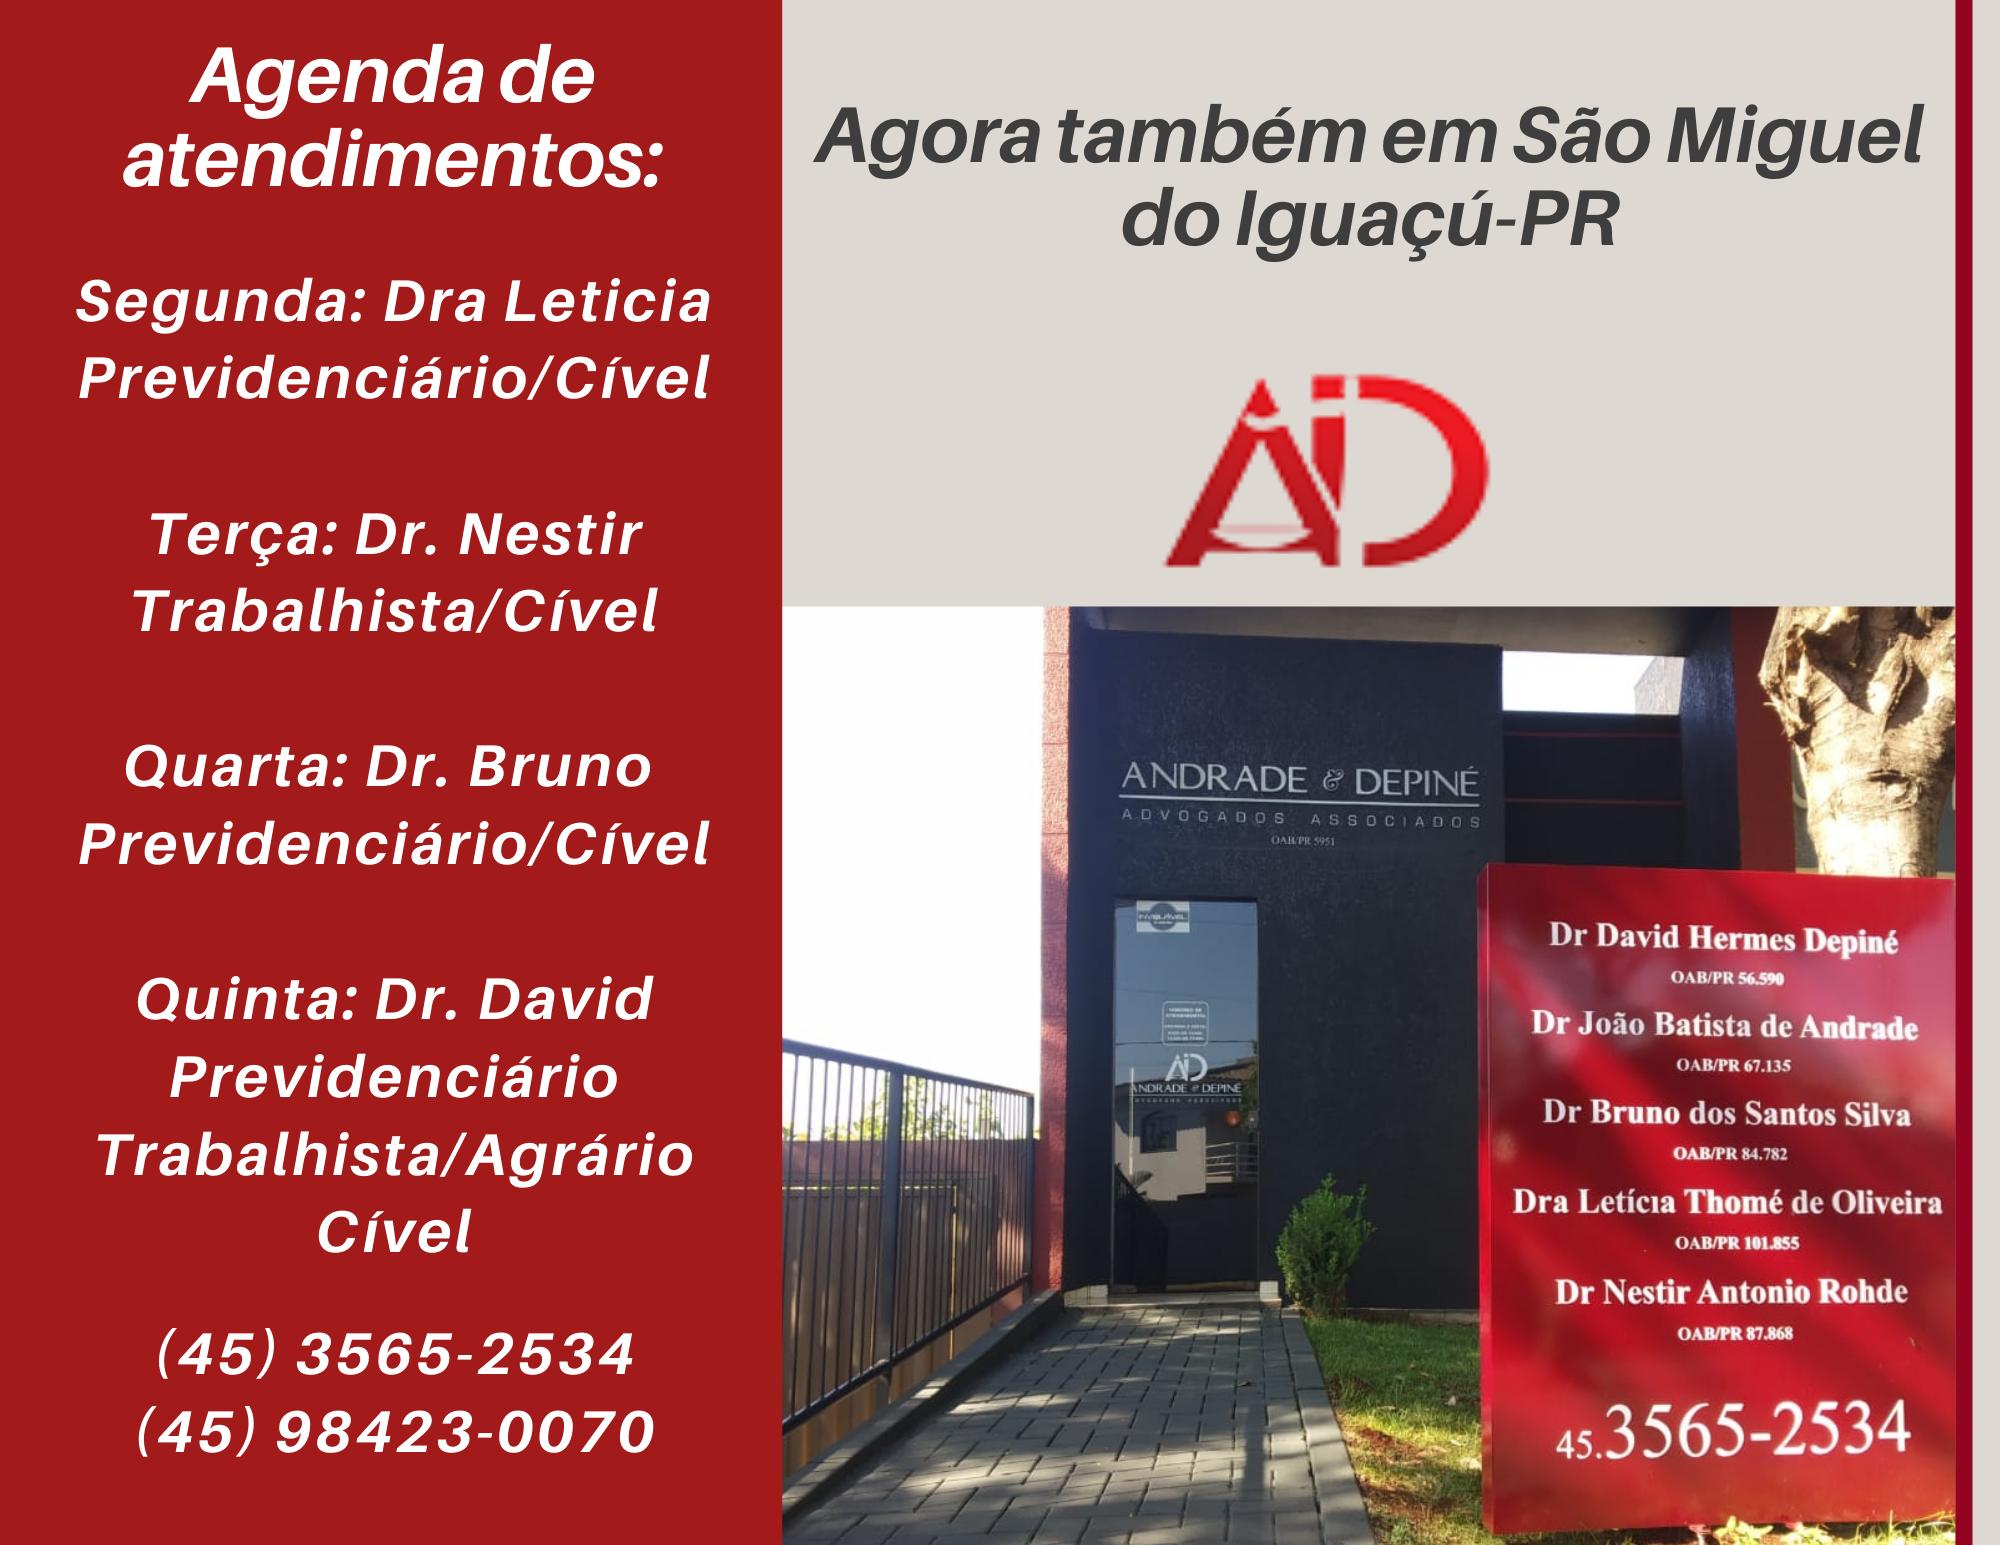 agenda_smi